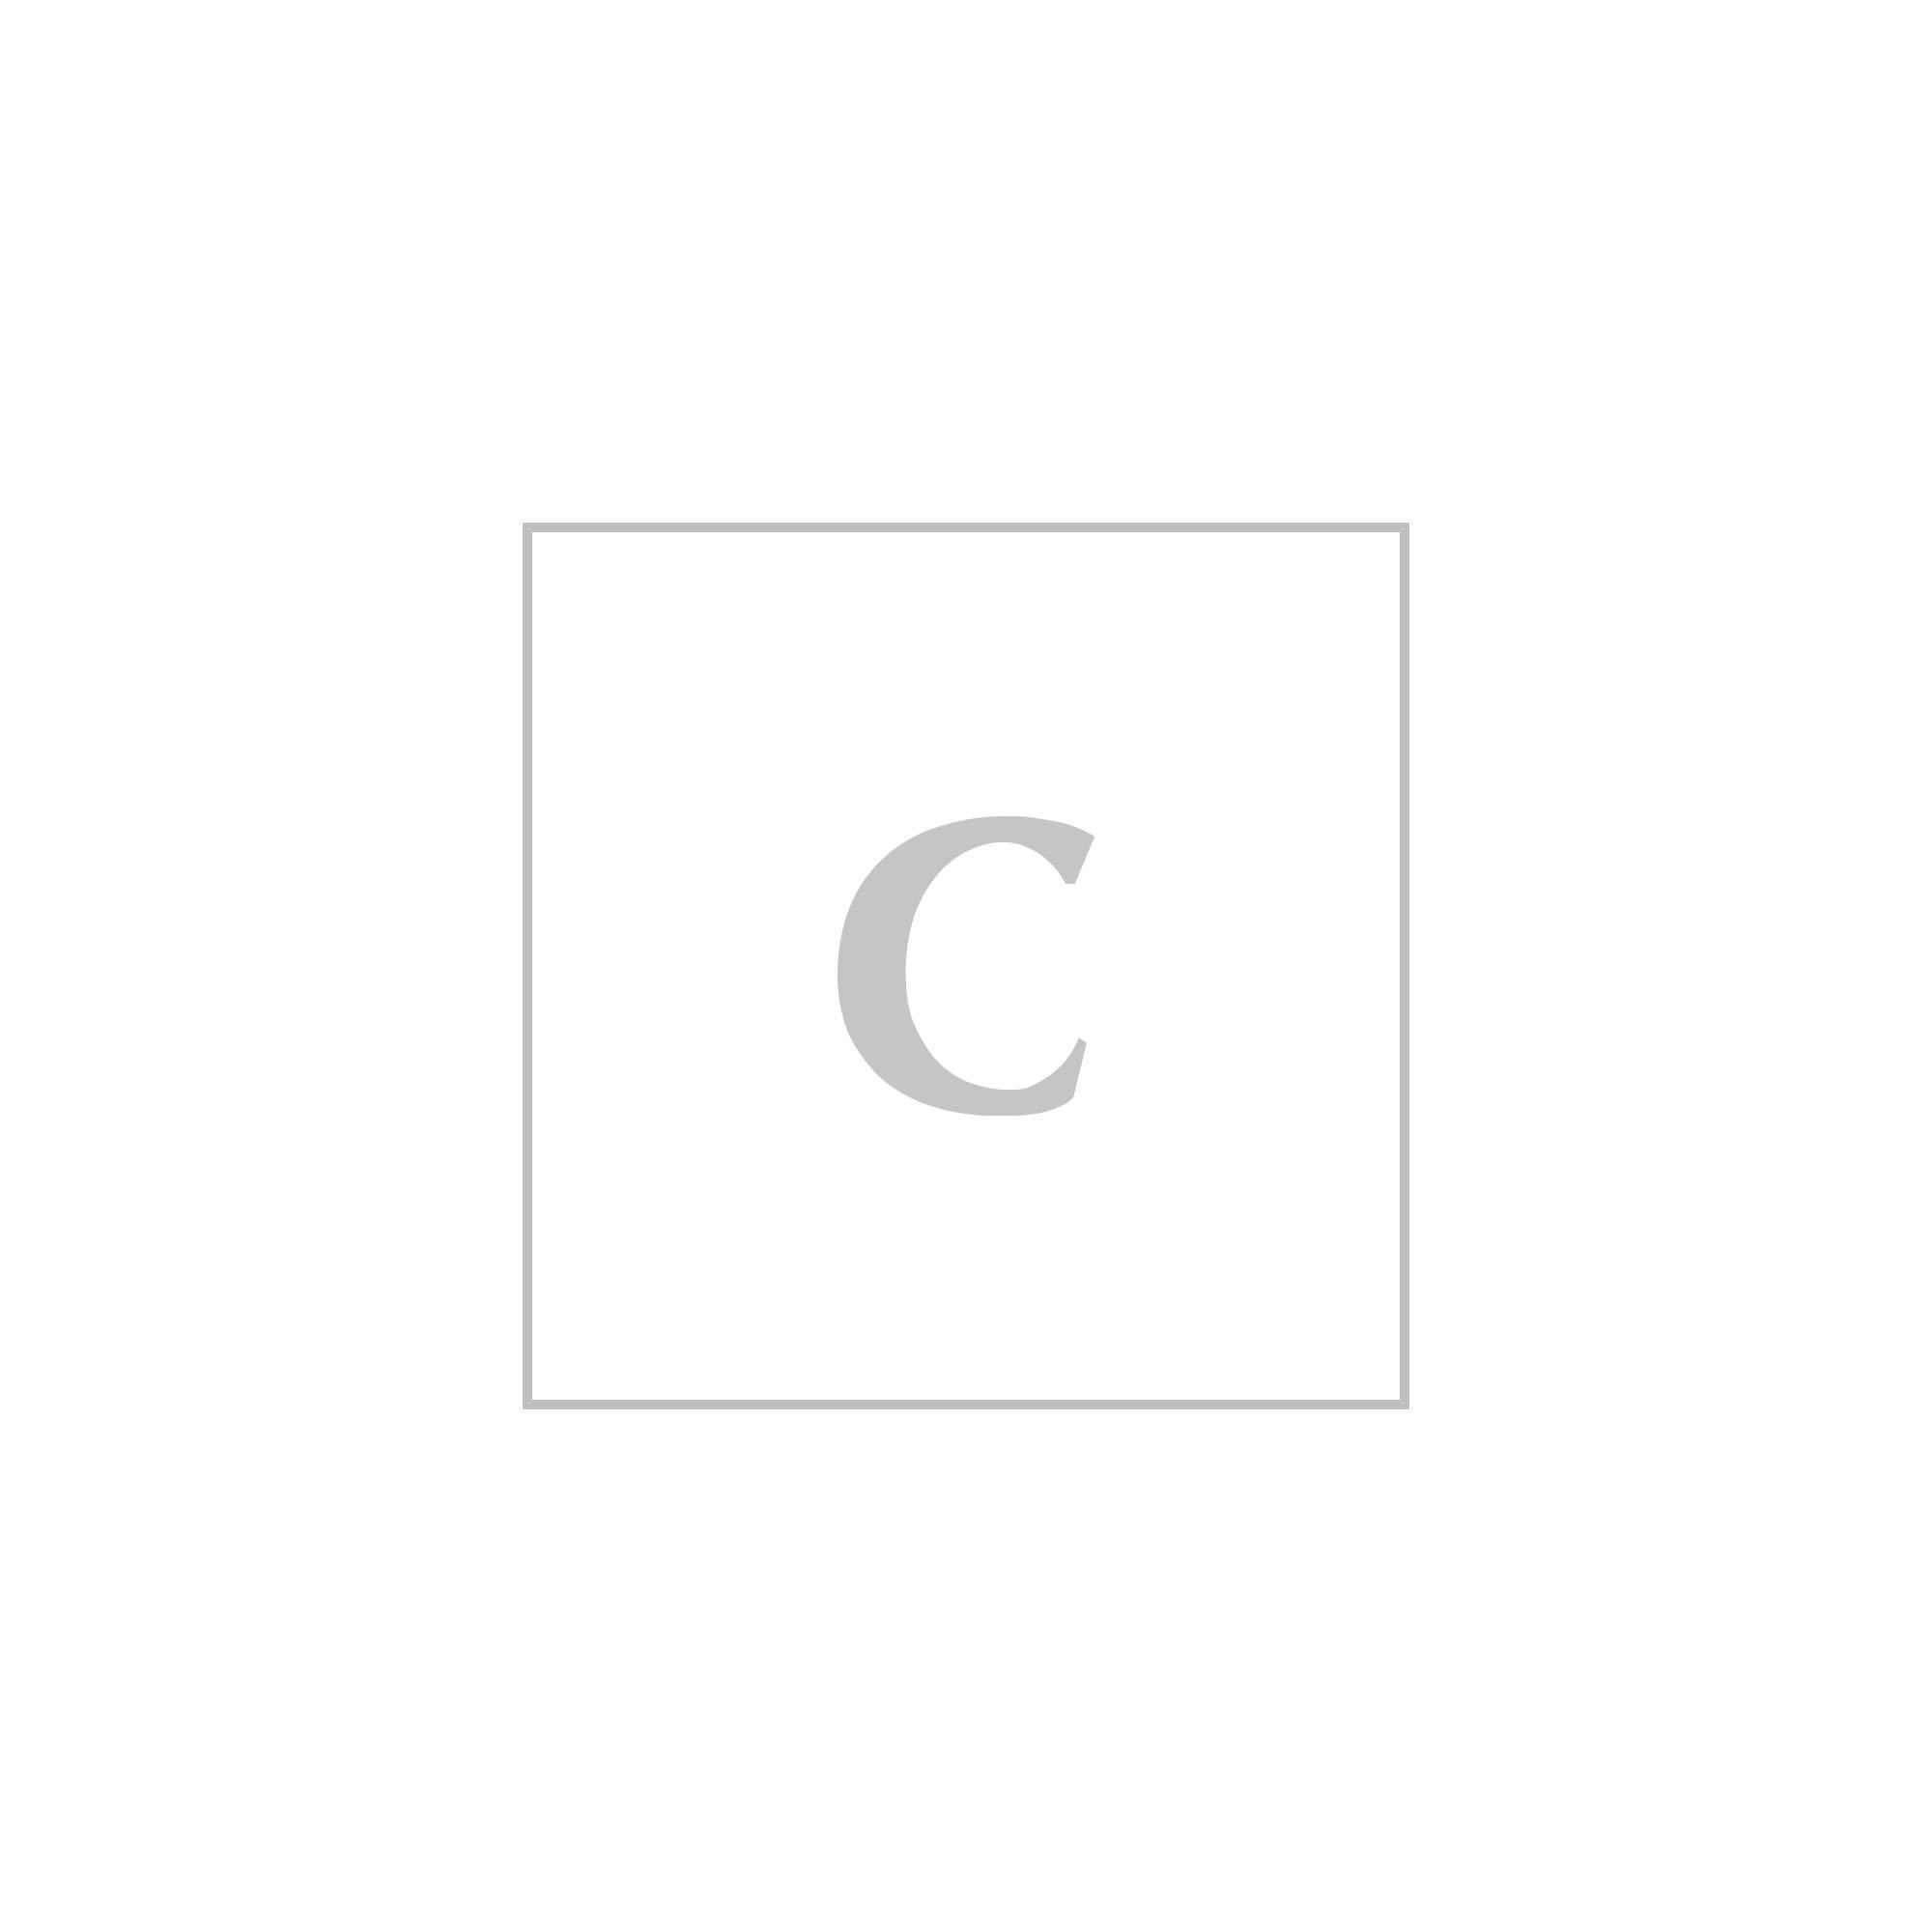 Stella mccartney clutch falabella star in studs